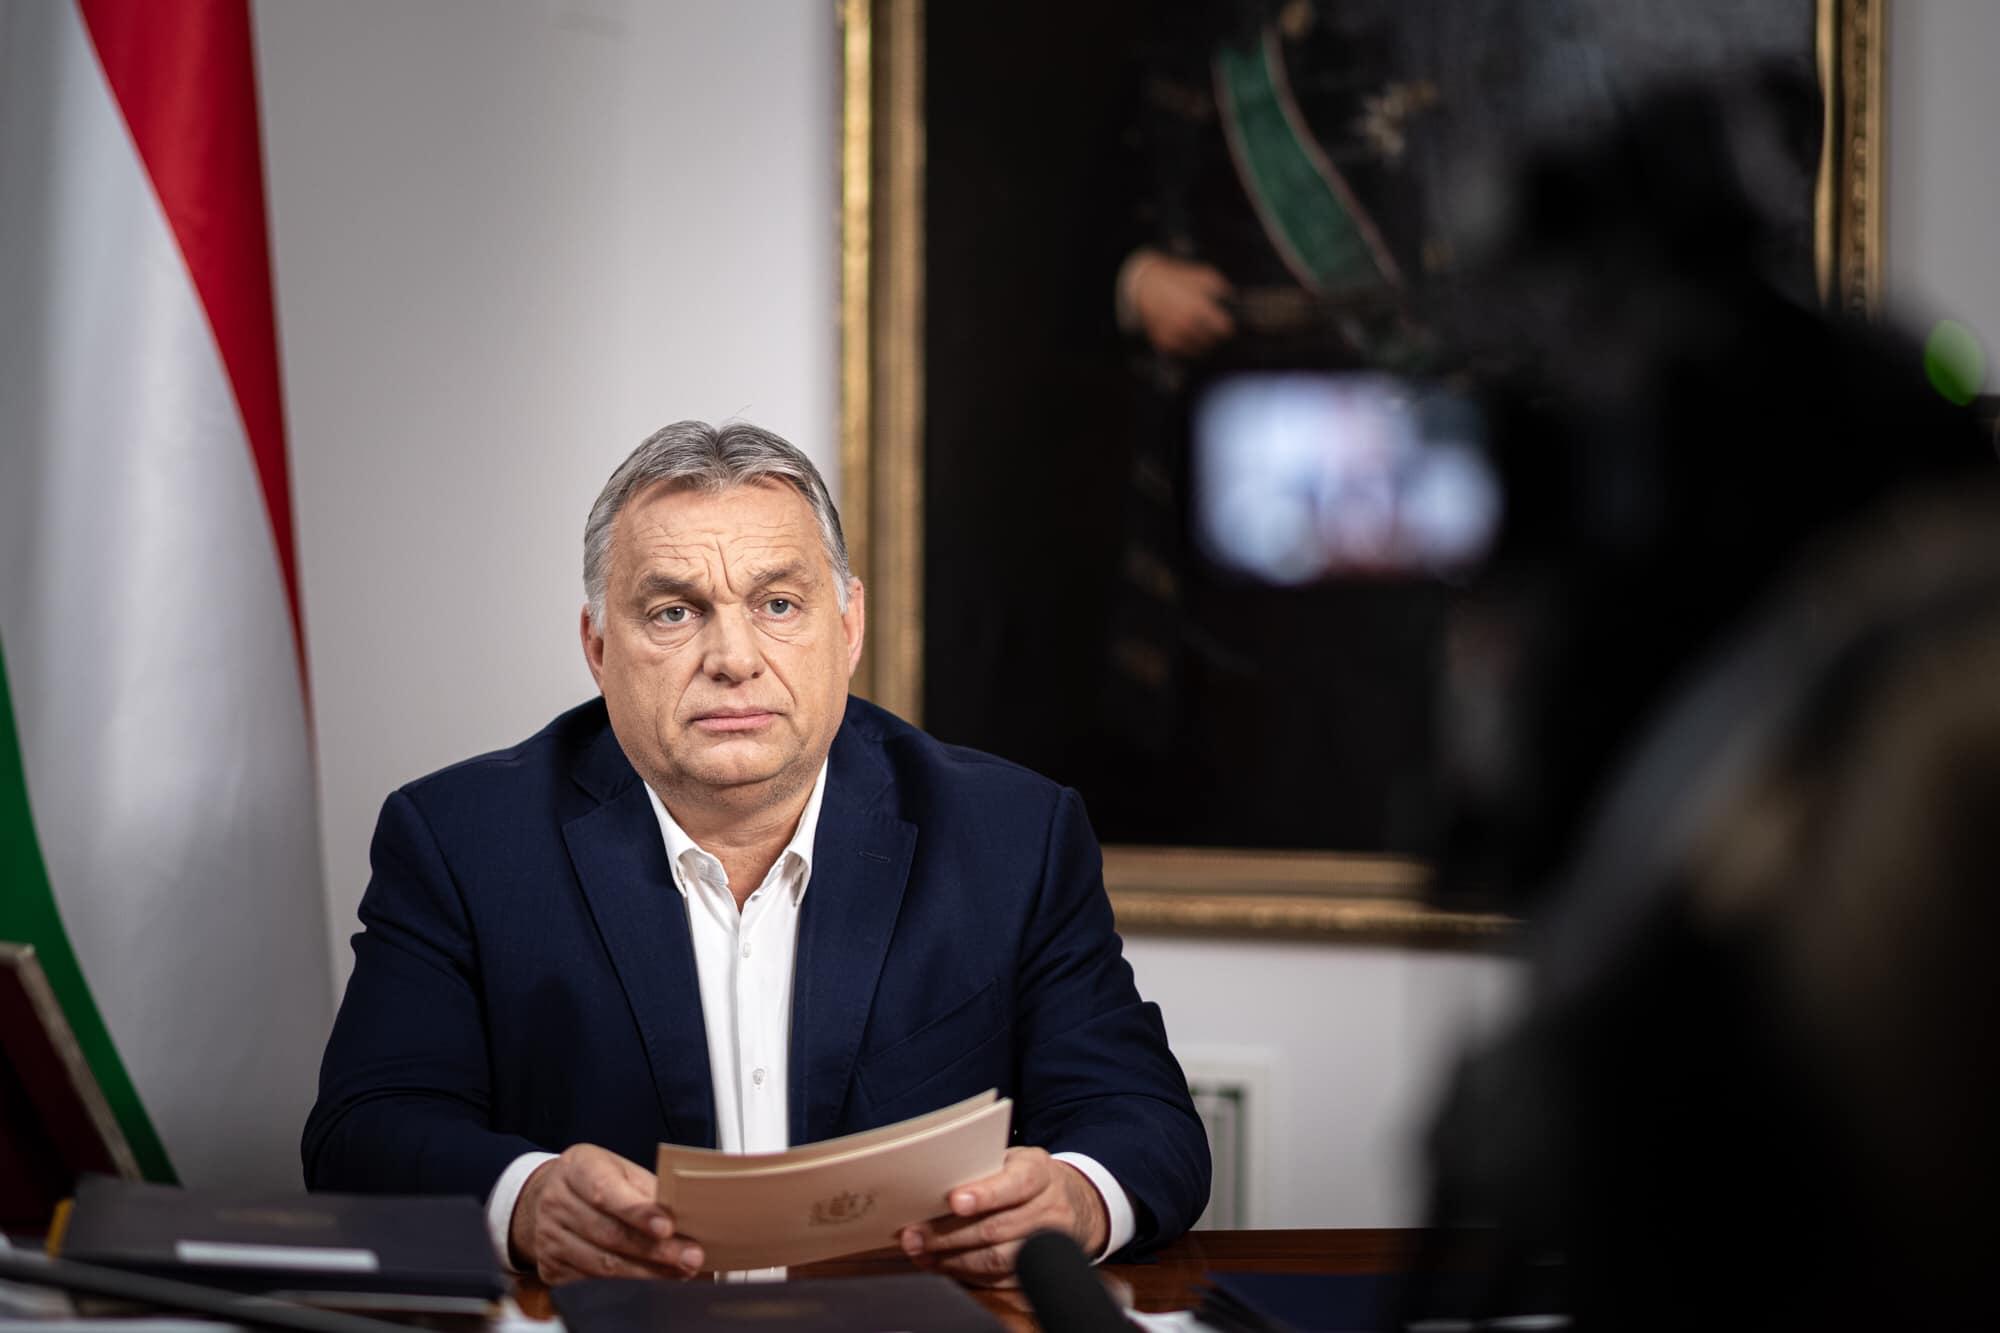 Orbán: Epidemiologische Bereitschaft bleibt voraussichtlich im Laufe des Jahres 2021 bestehen